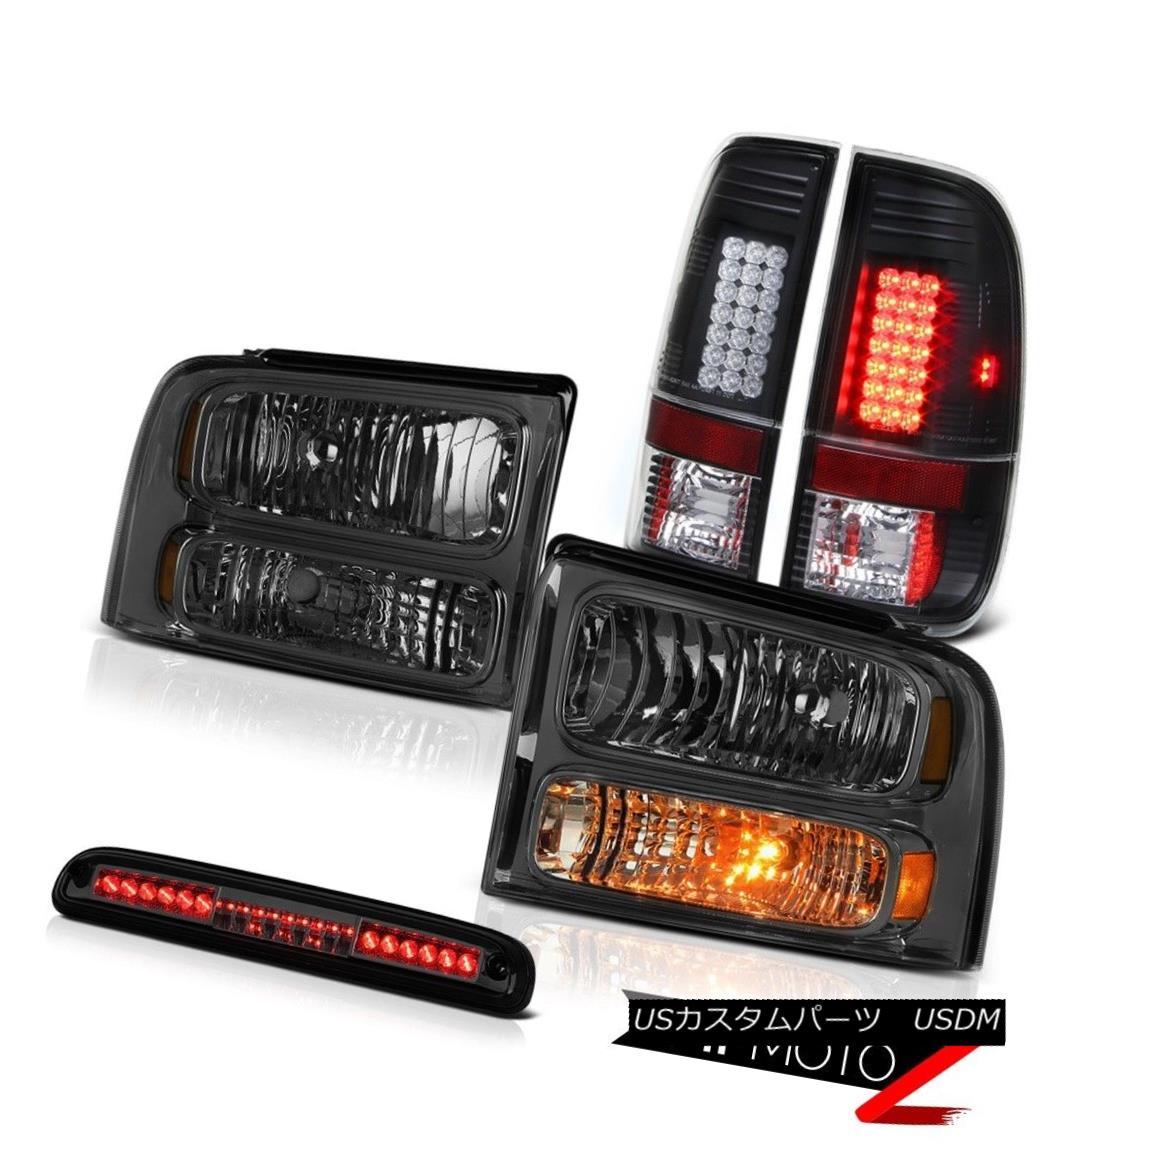 テールライト 05 06 07 F350 Highline Pair Smoke Headlamps L.E.D Rear Tail Lights 3rd Brake LED 05 06 07 F350ハイエンドペアスモークヘッドランプL.E.Dリアテールライト第3ブレーキLED